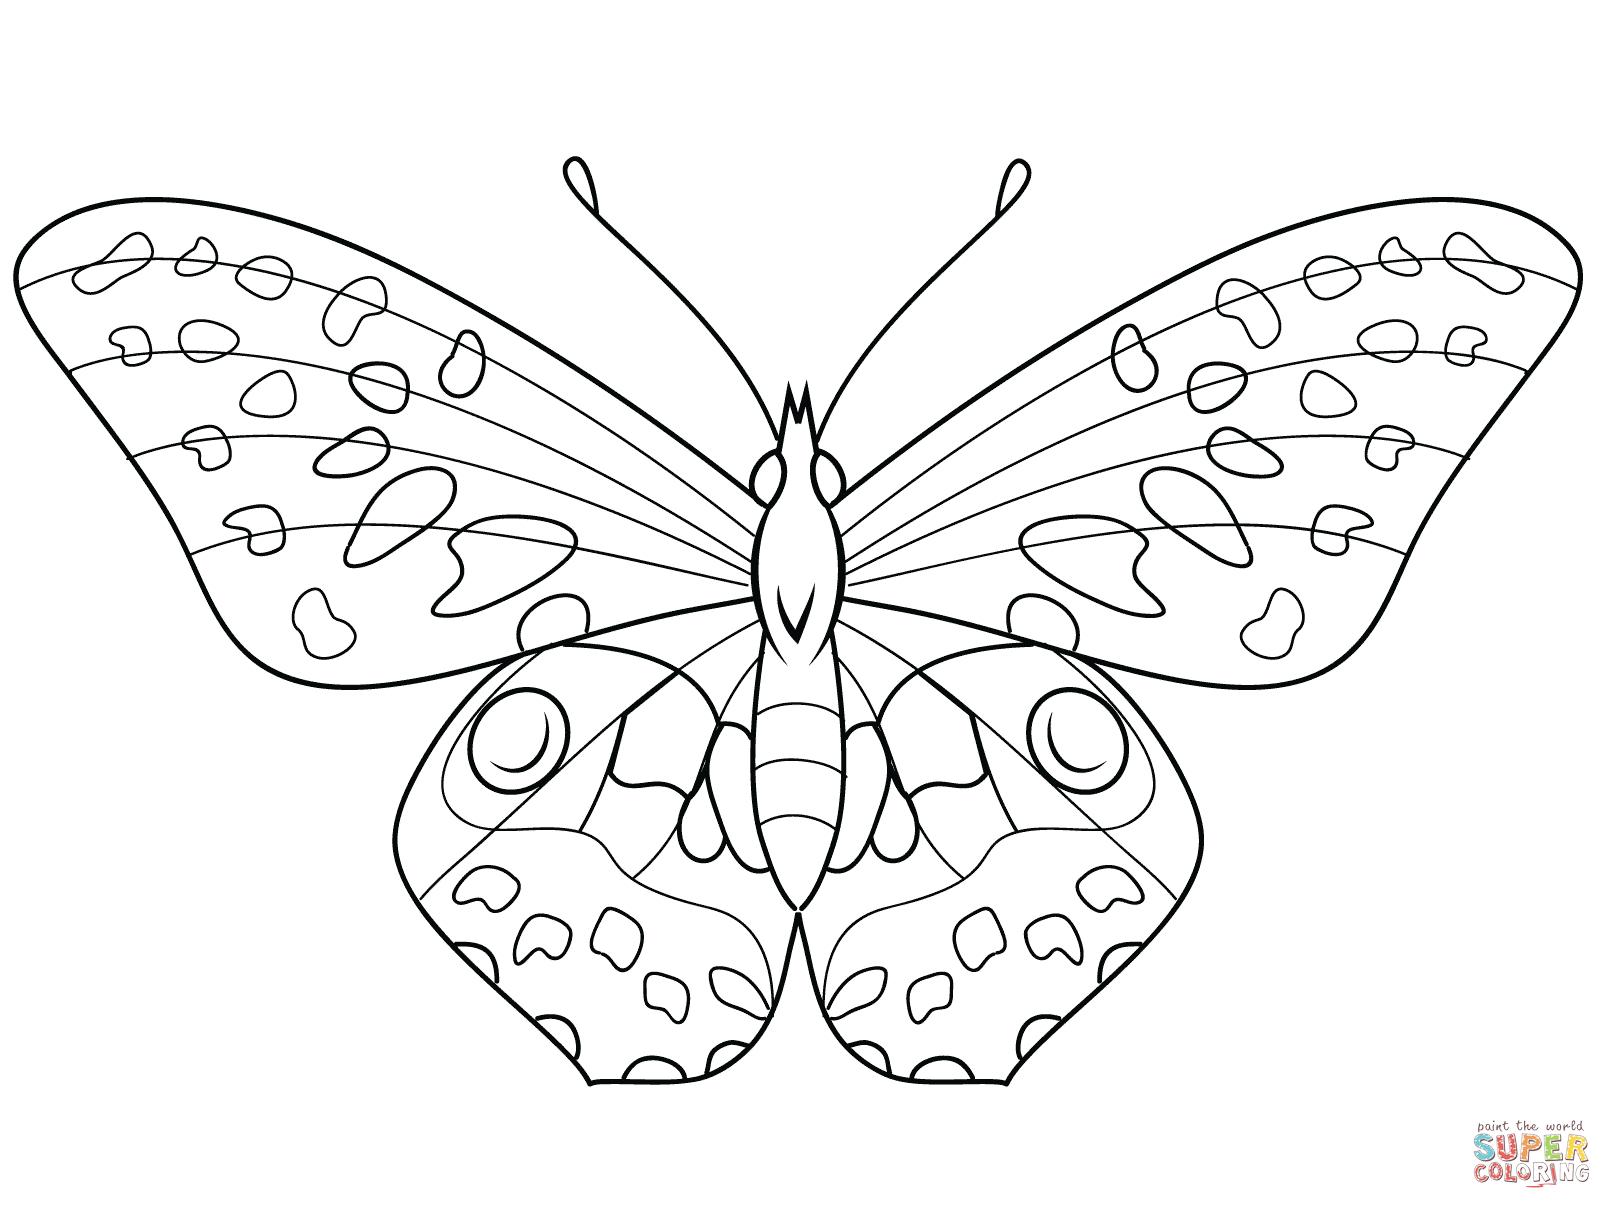 Ausmalbilder Schmetterling - Malvorlagen Kostenlos Zum in Malvorlagen Schmetterling